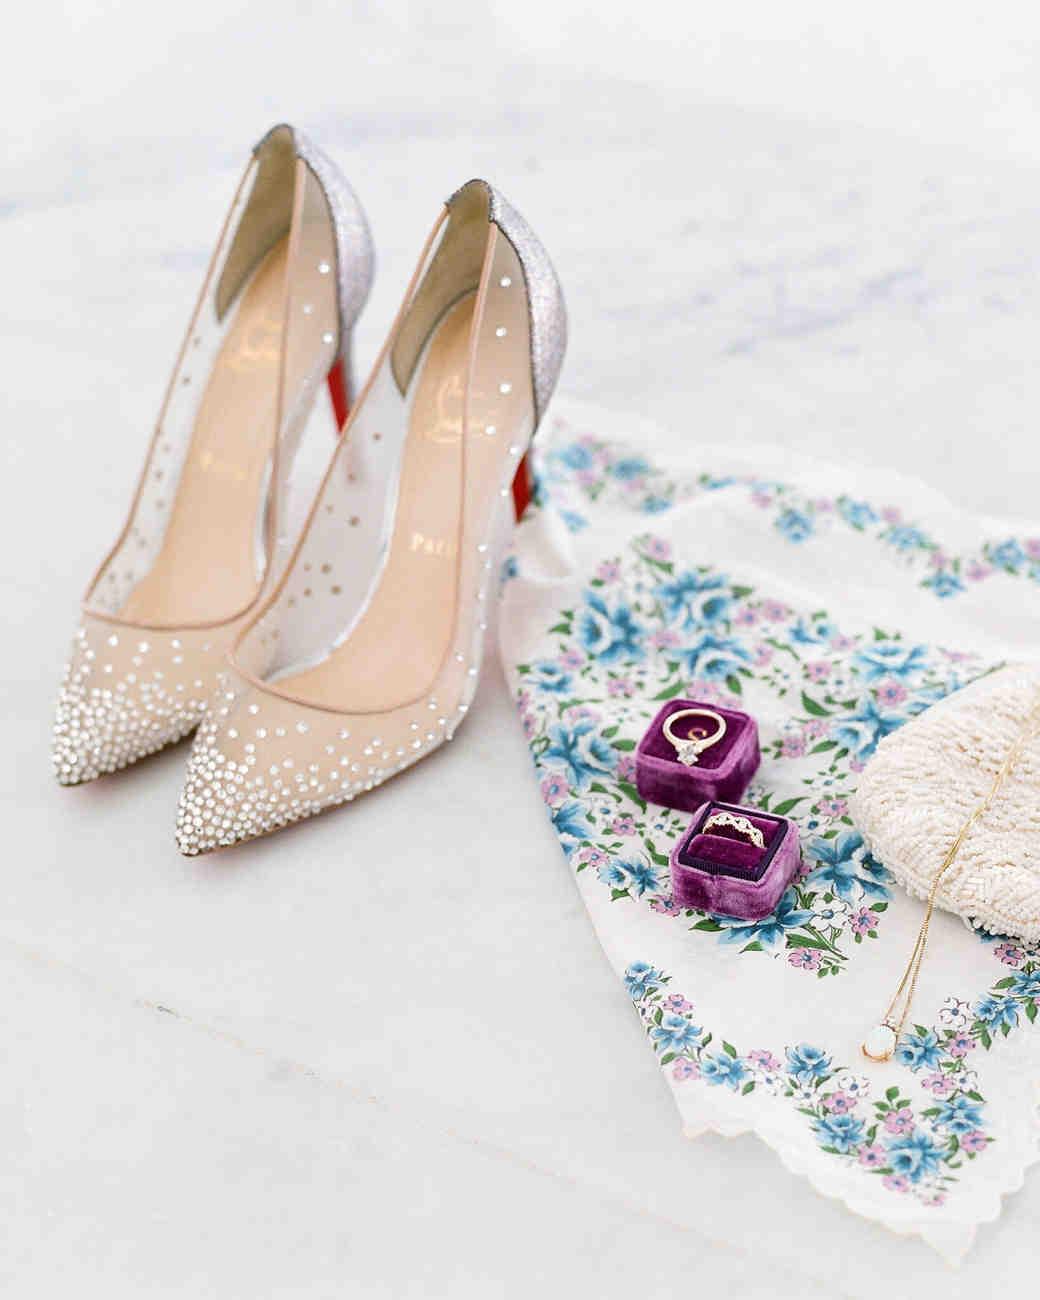 libby-allen-wedding-accessories-002-s112487-0116.jpg